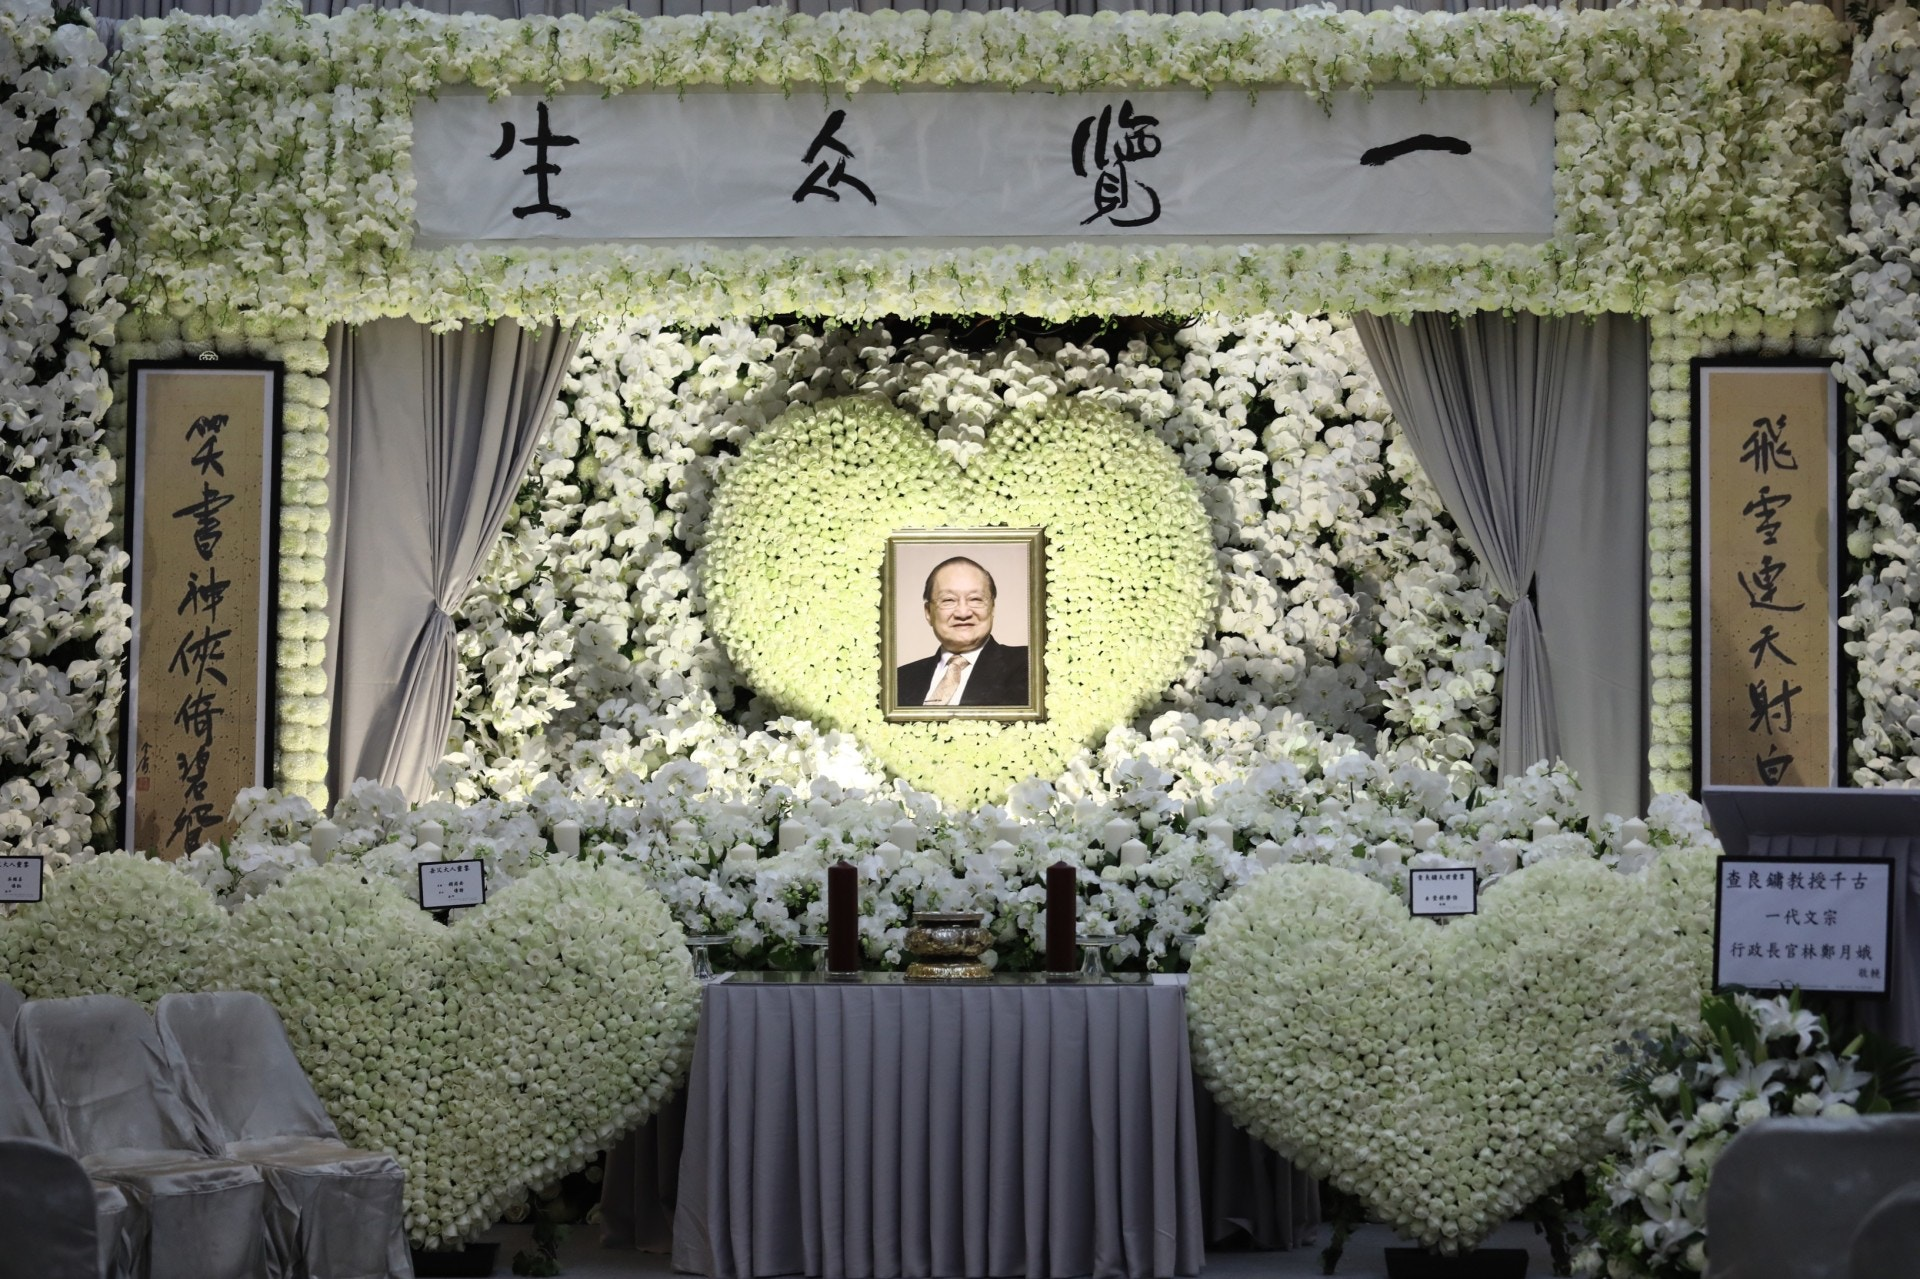 金庸葬礼12日傍晚在香港殡仪馆举行 马云、刘德华等人送上花圈挽联